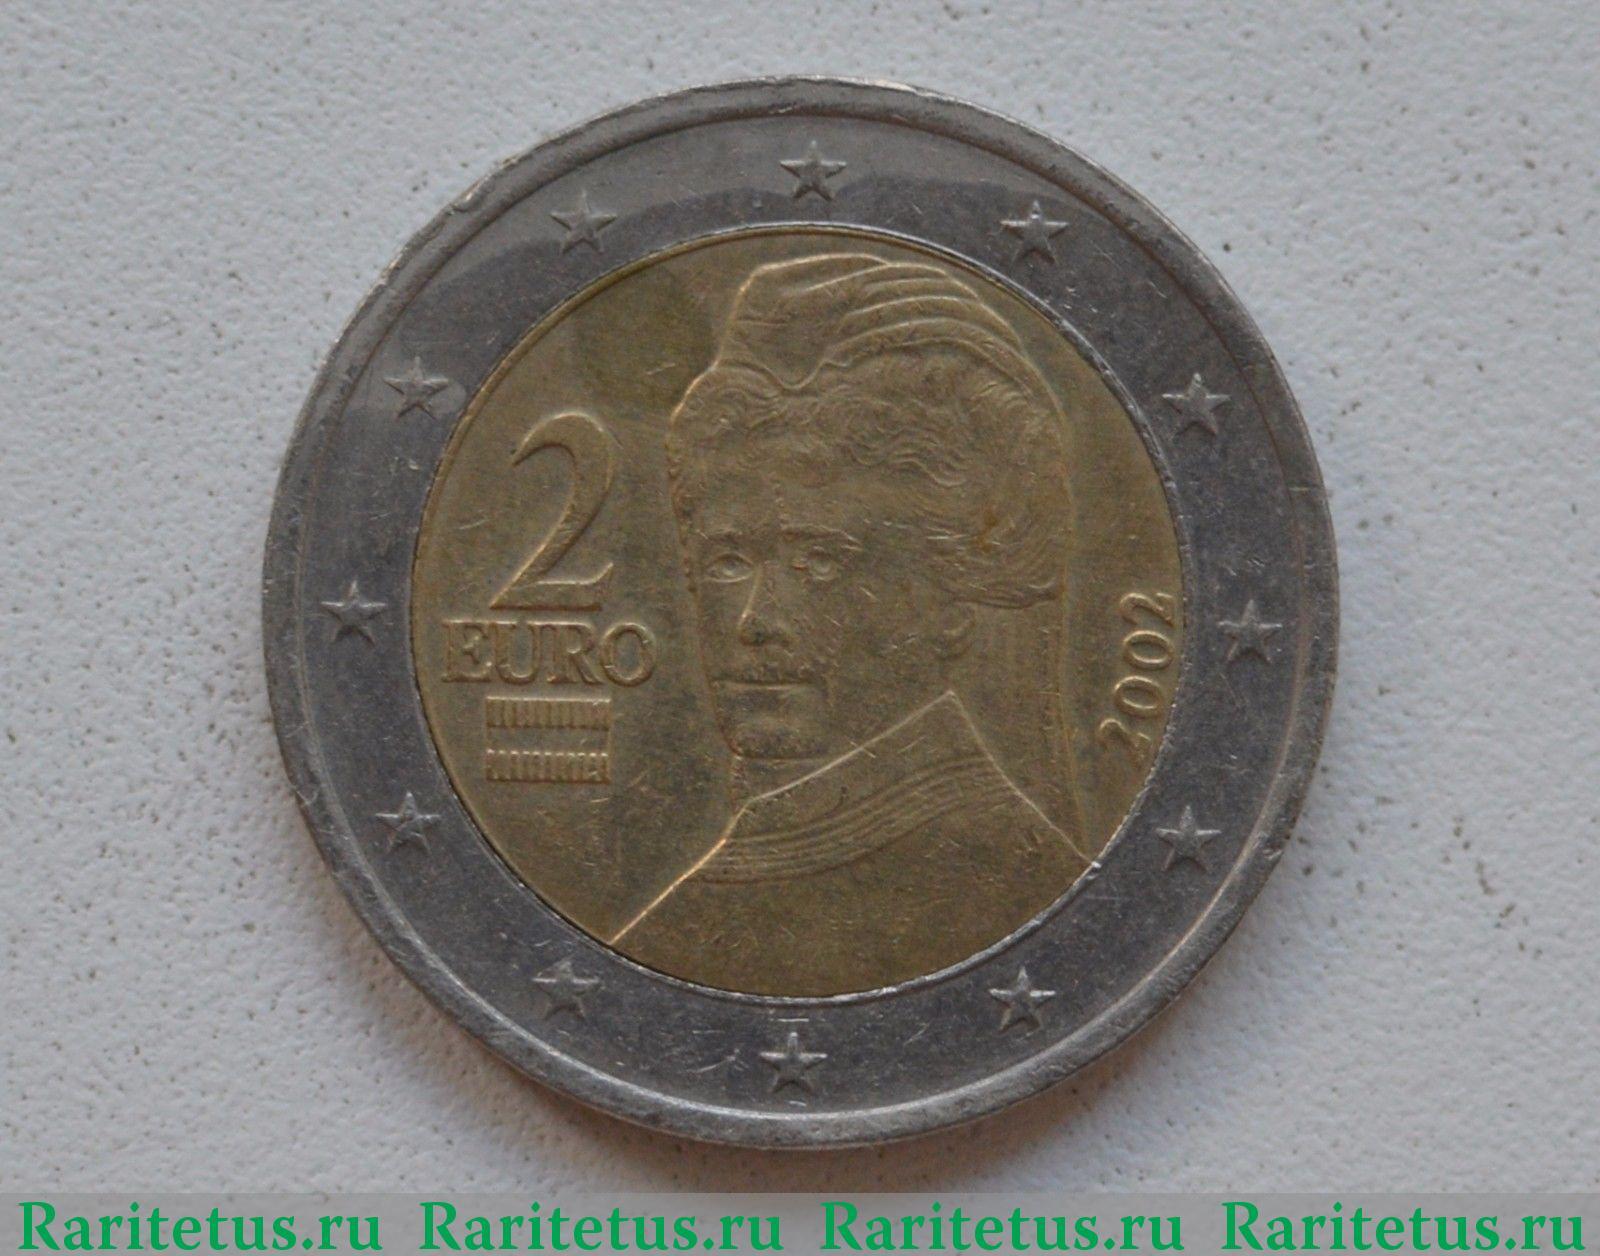 Сколько стоит монета 2 евро 2002 хаустова ирина